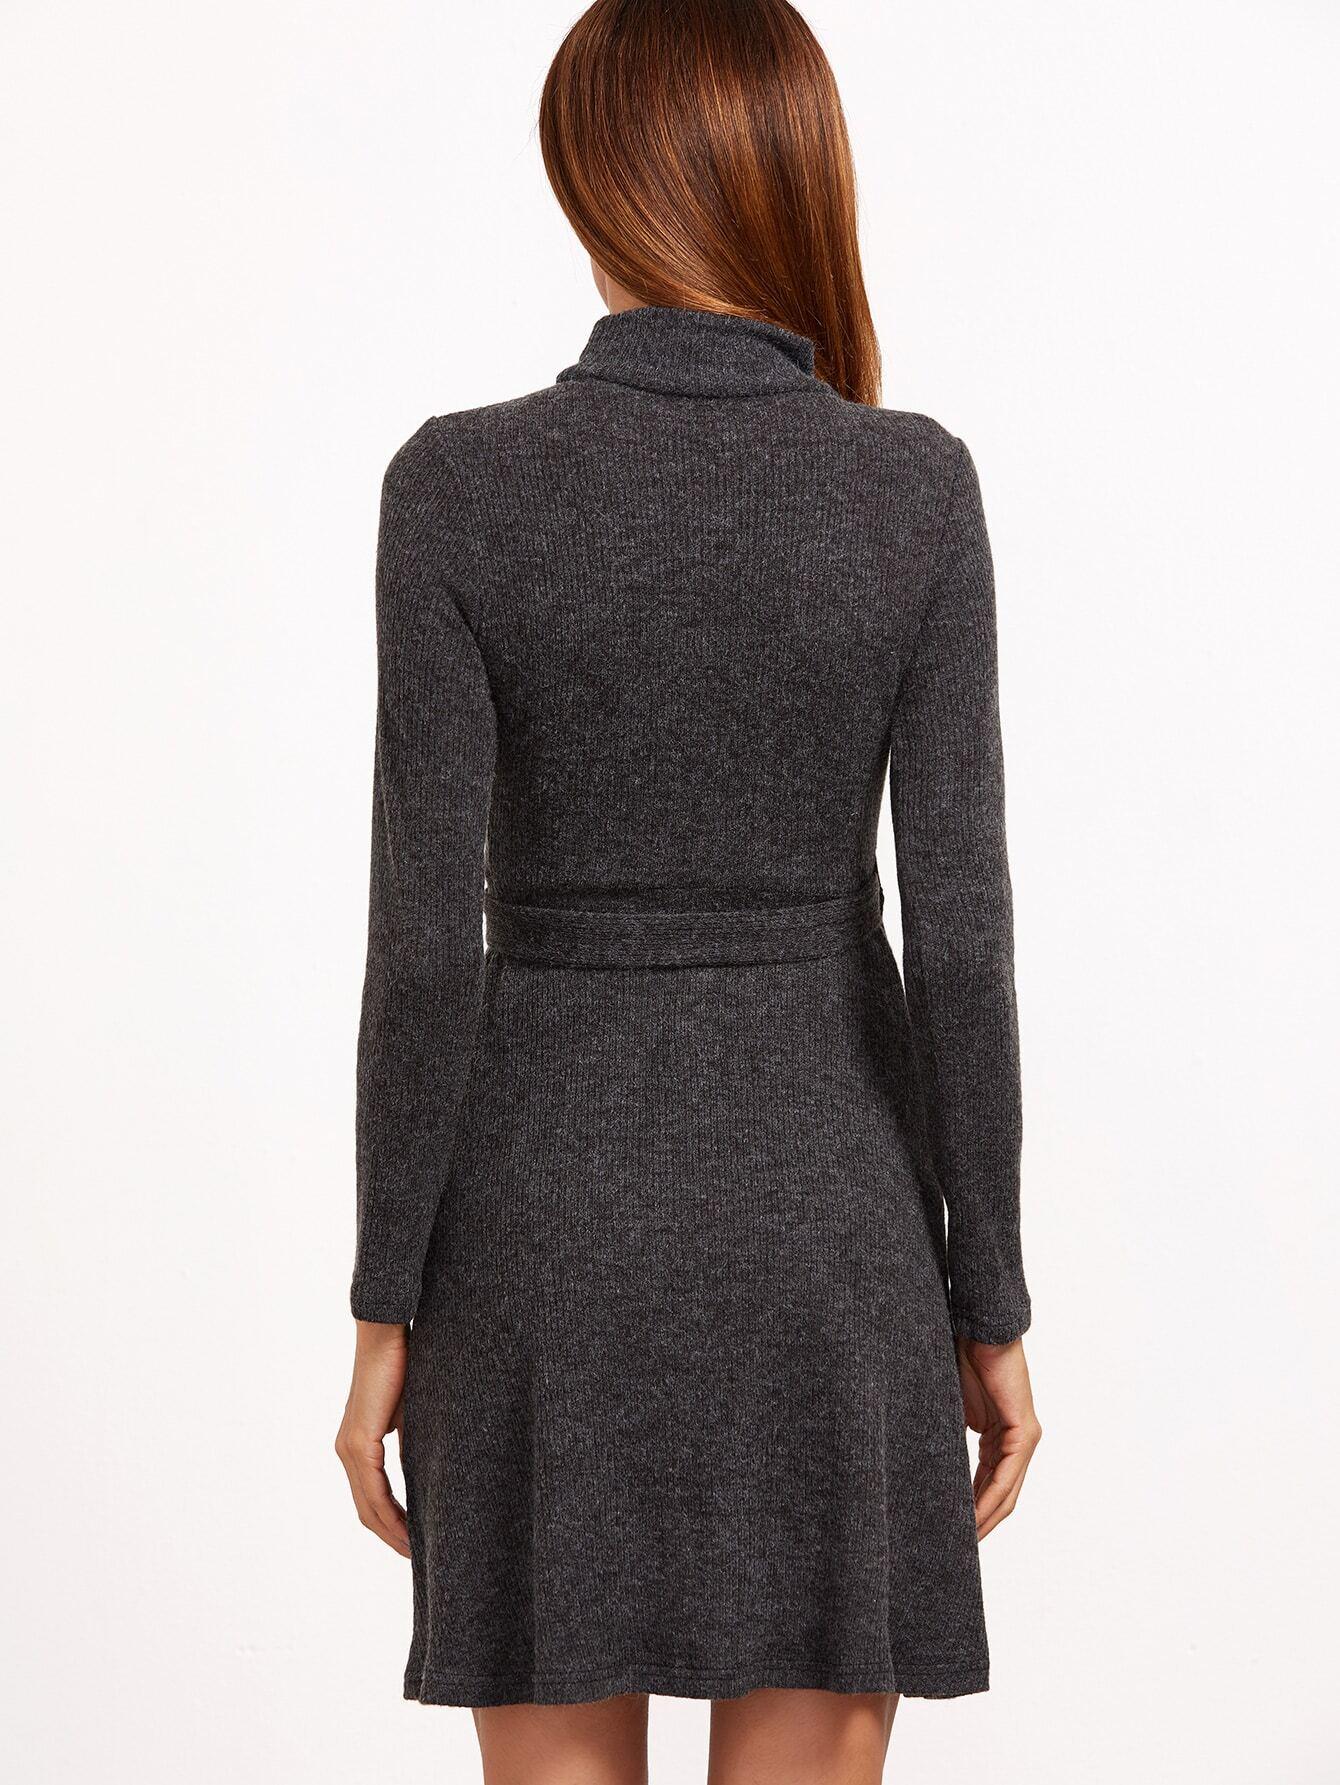 dress161121717_2